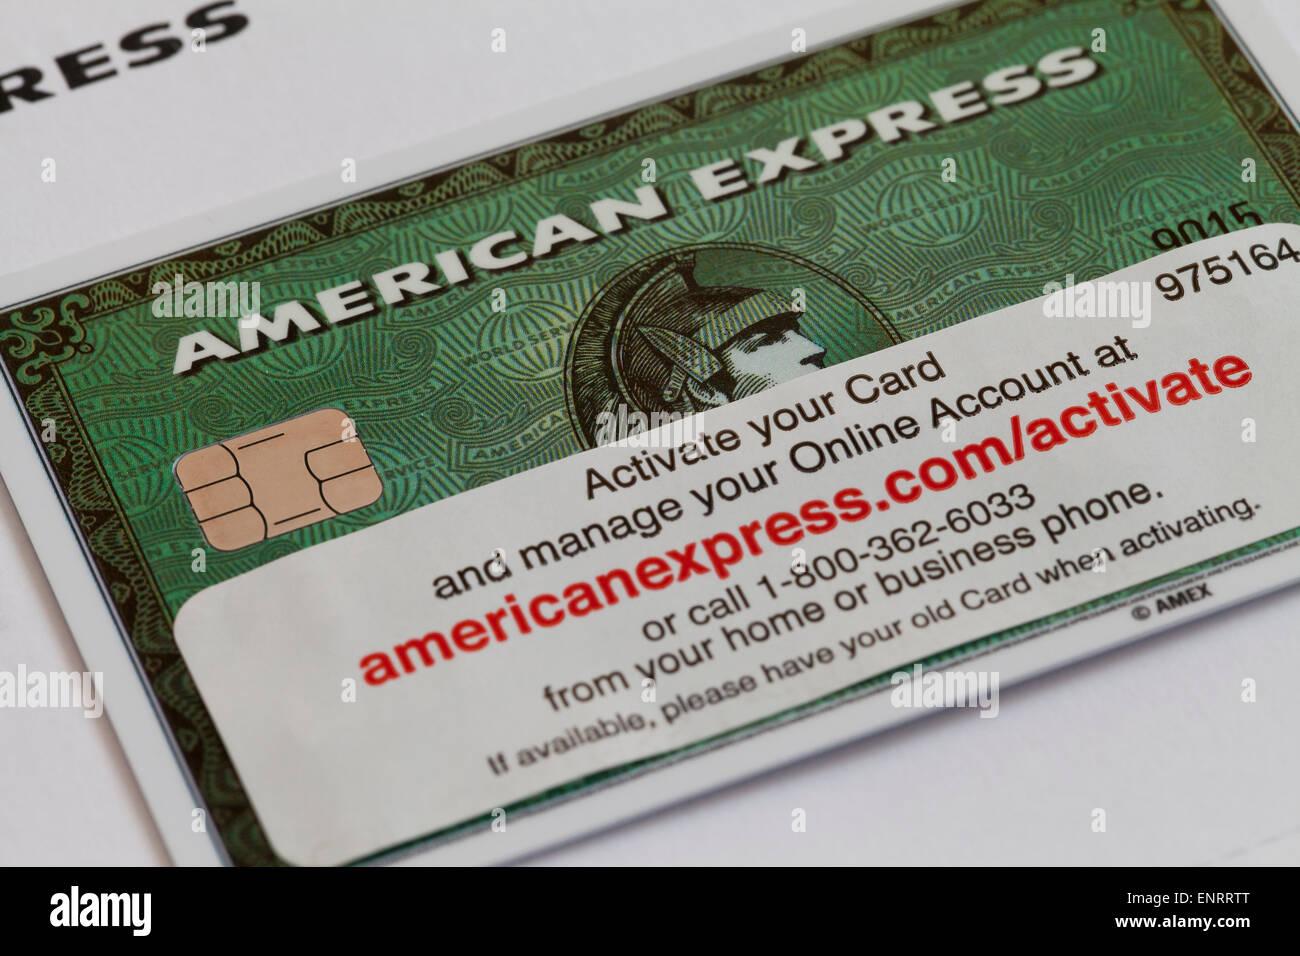 Neue American Express Karte Mit Aktivierungsinformationen Usa